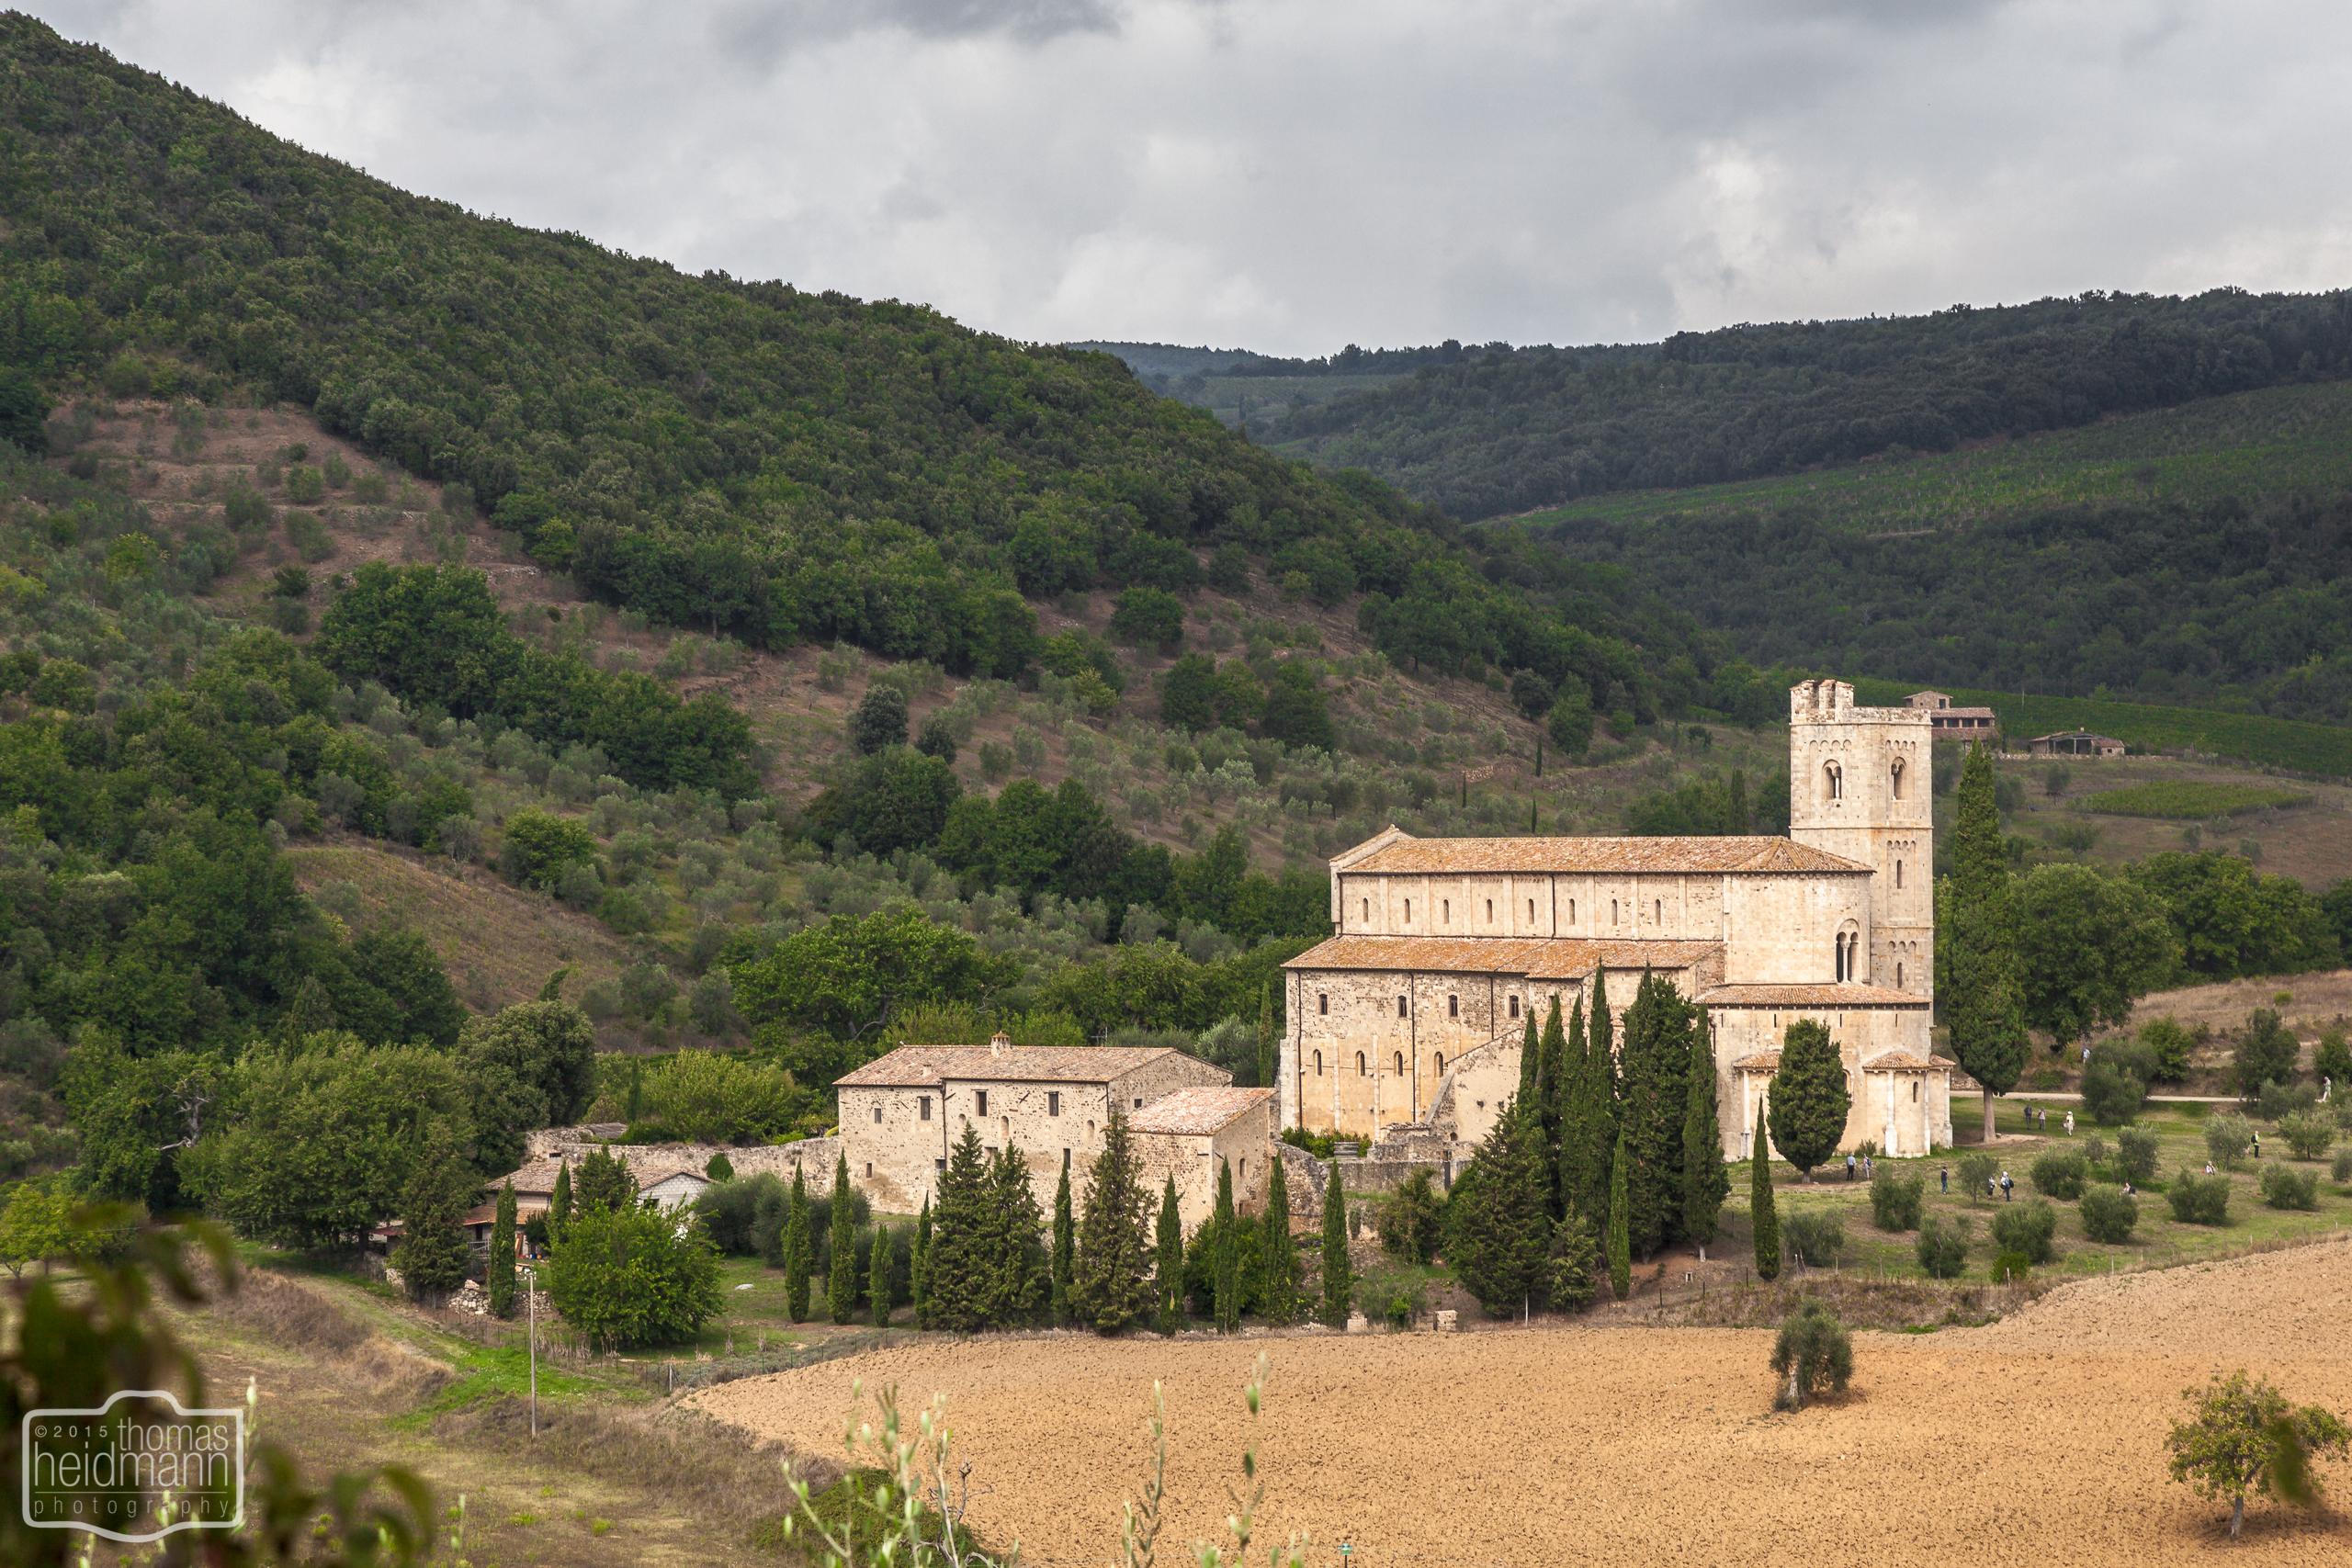 Abbazia di Sant'Abtimo im Val d'Orcia